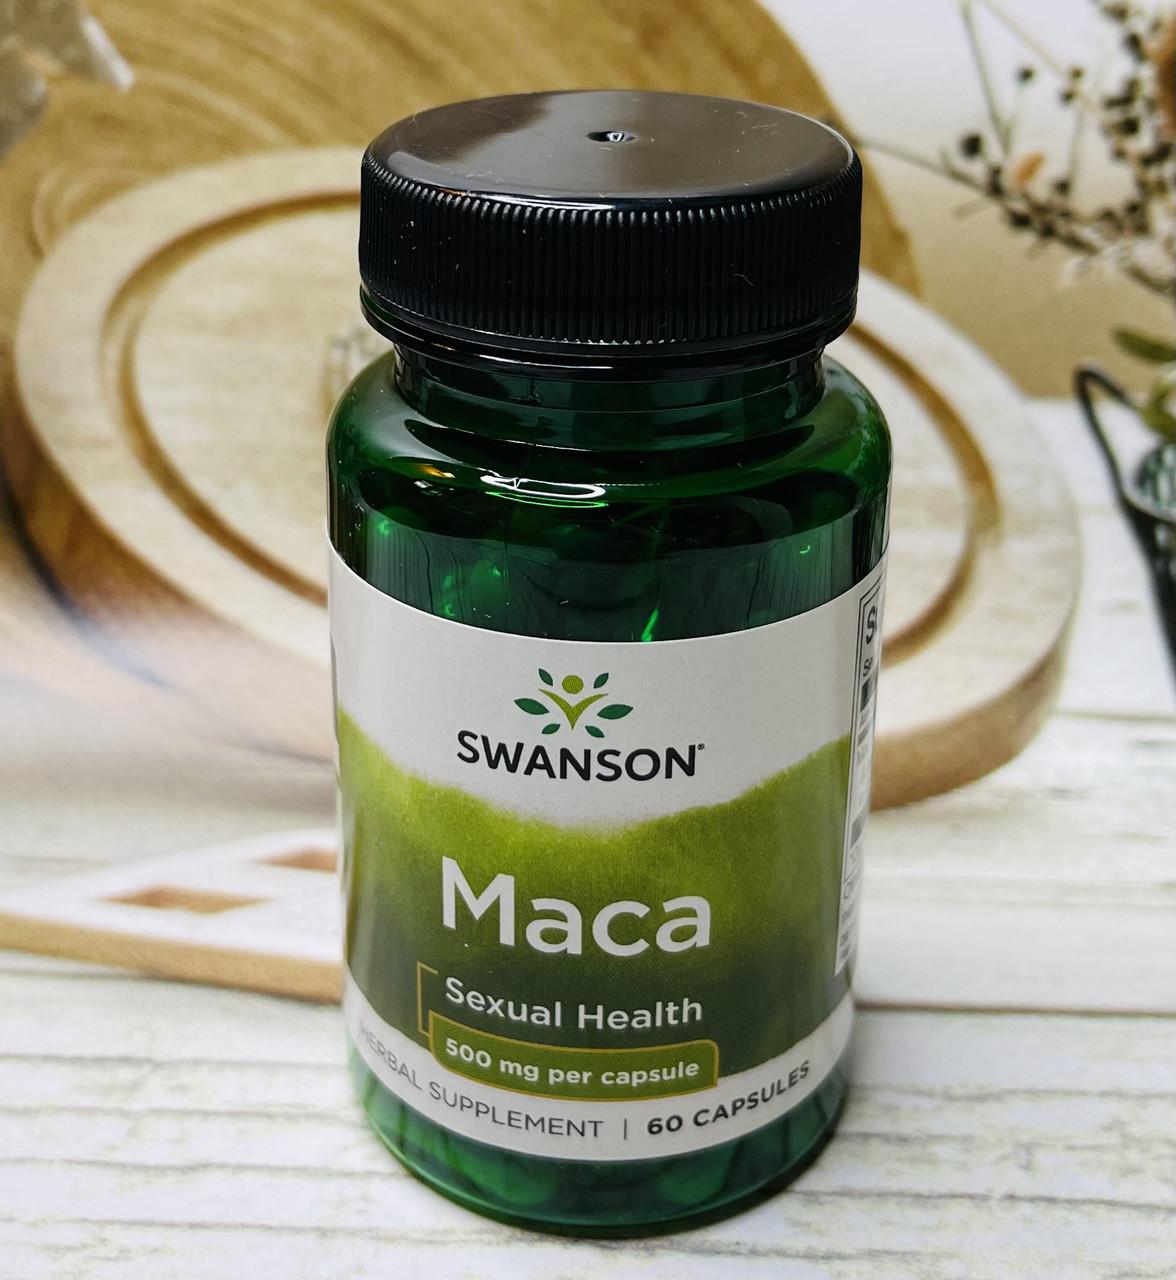 Капсули для сексуального здоров'я чоловіків і жінок Swanson Maca